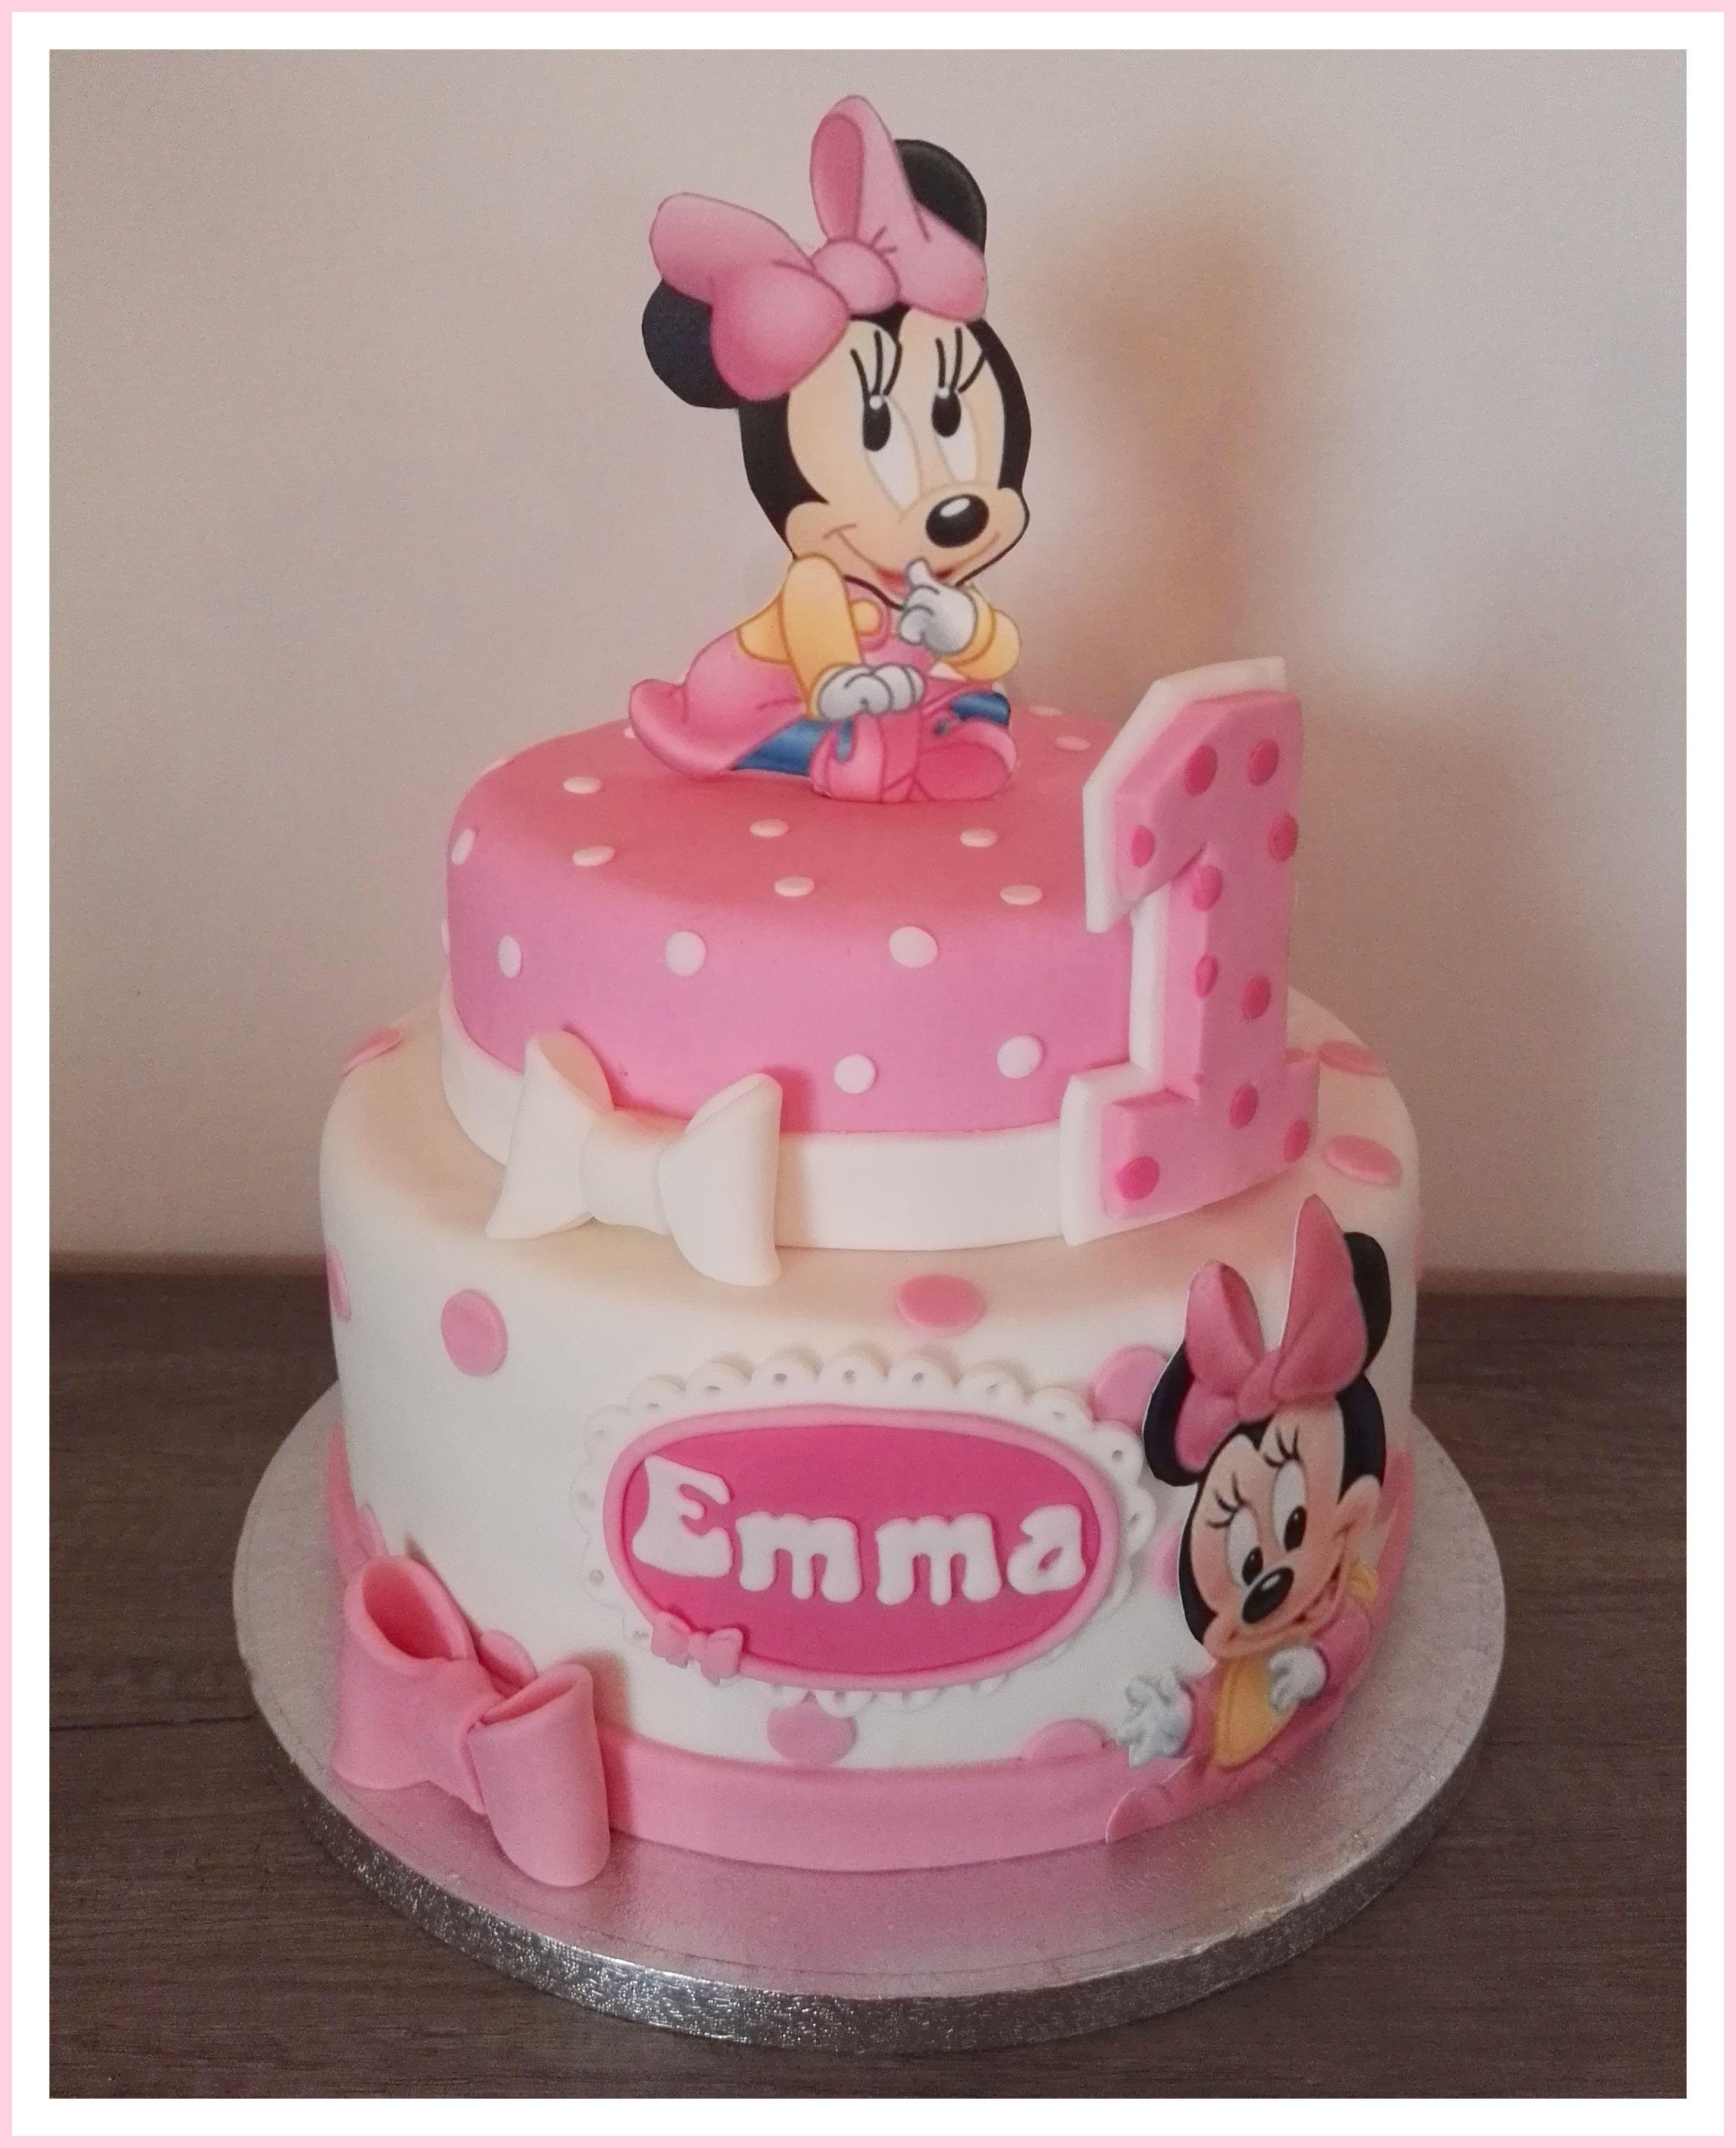 Wondrous Cake Minnie Mouse With Images Baby Minnie Mouse Cake Minnie Funny Birthday Cards Online Unhofree Goldxyz